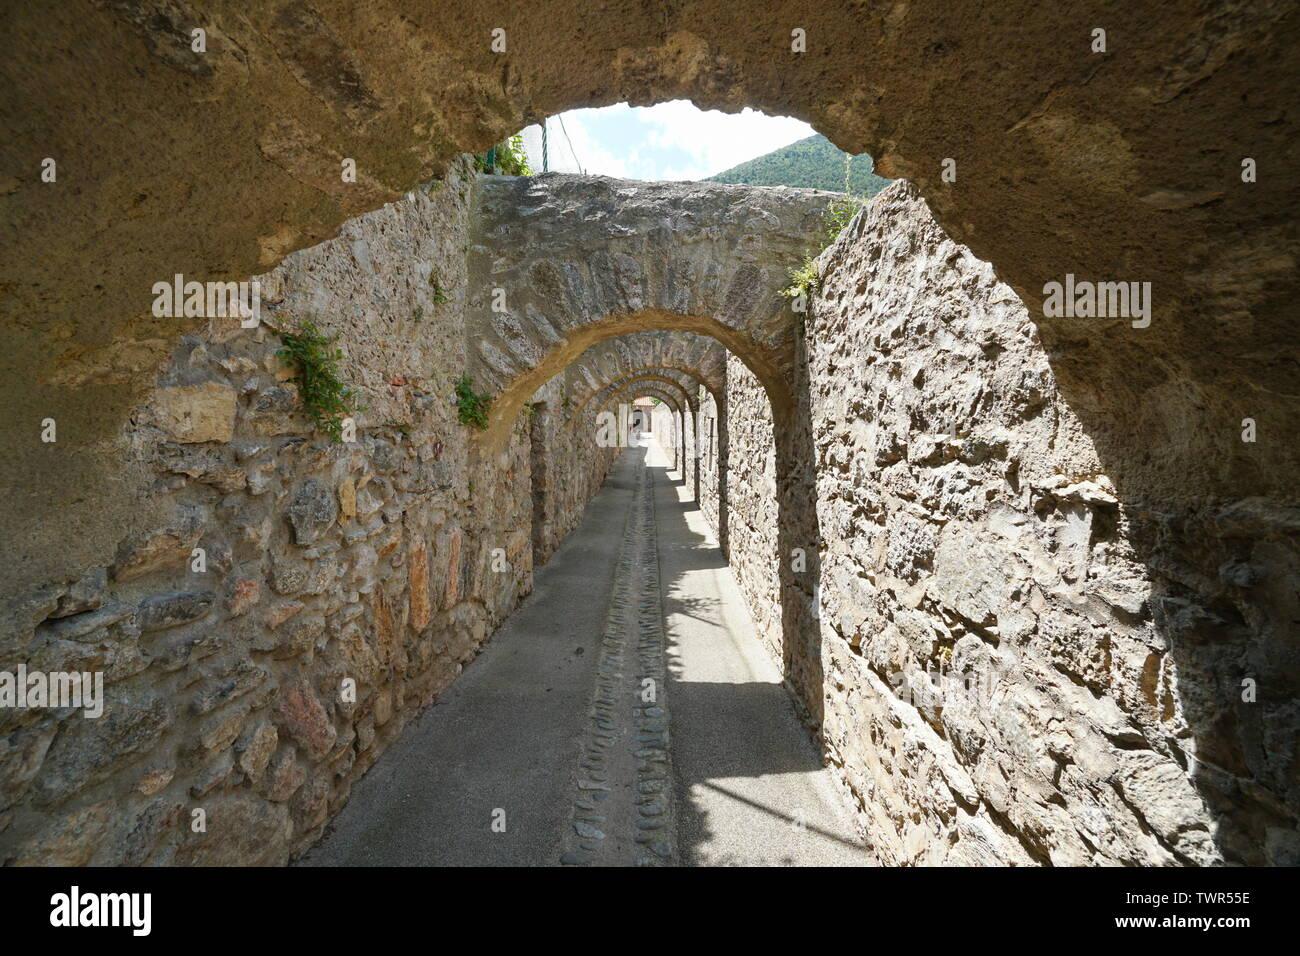 Passage sous des voûtes en pierre dans le village fortifié de Villefranche de Conflent, Pyrénées Orientales, Occitanie, France Banque D'Images